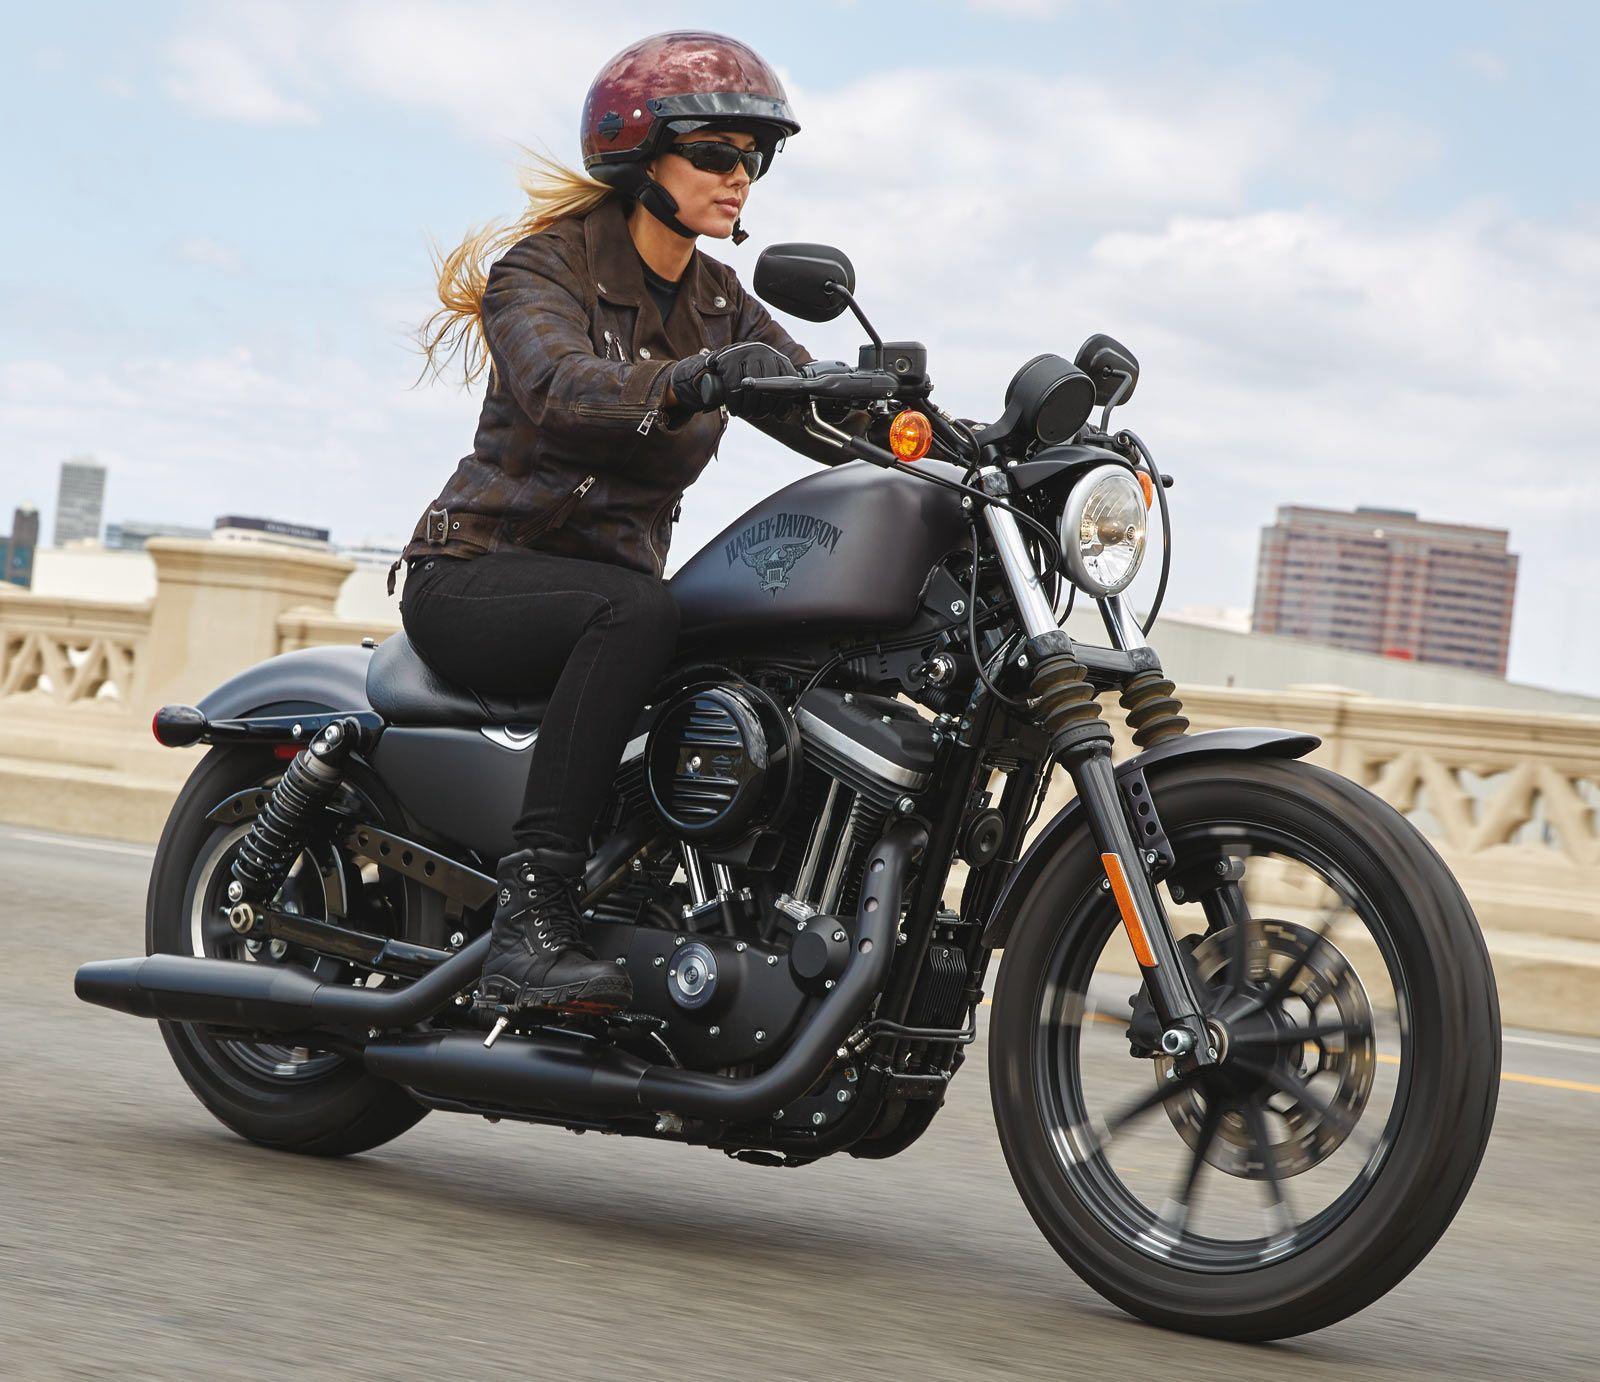 97164 17vw harley davidson lederjacke haunt plaid damen im thunderbike shop. Black Bedroom Furniture Sets. Home Design Ideas